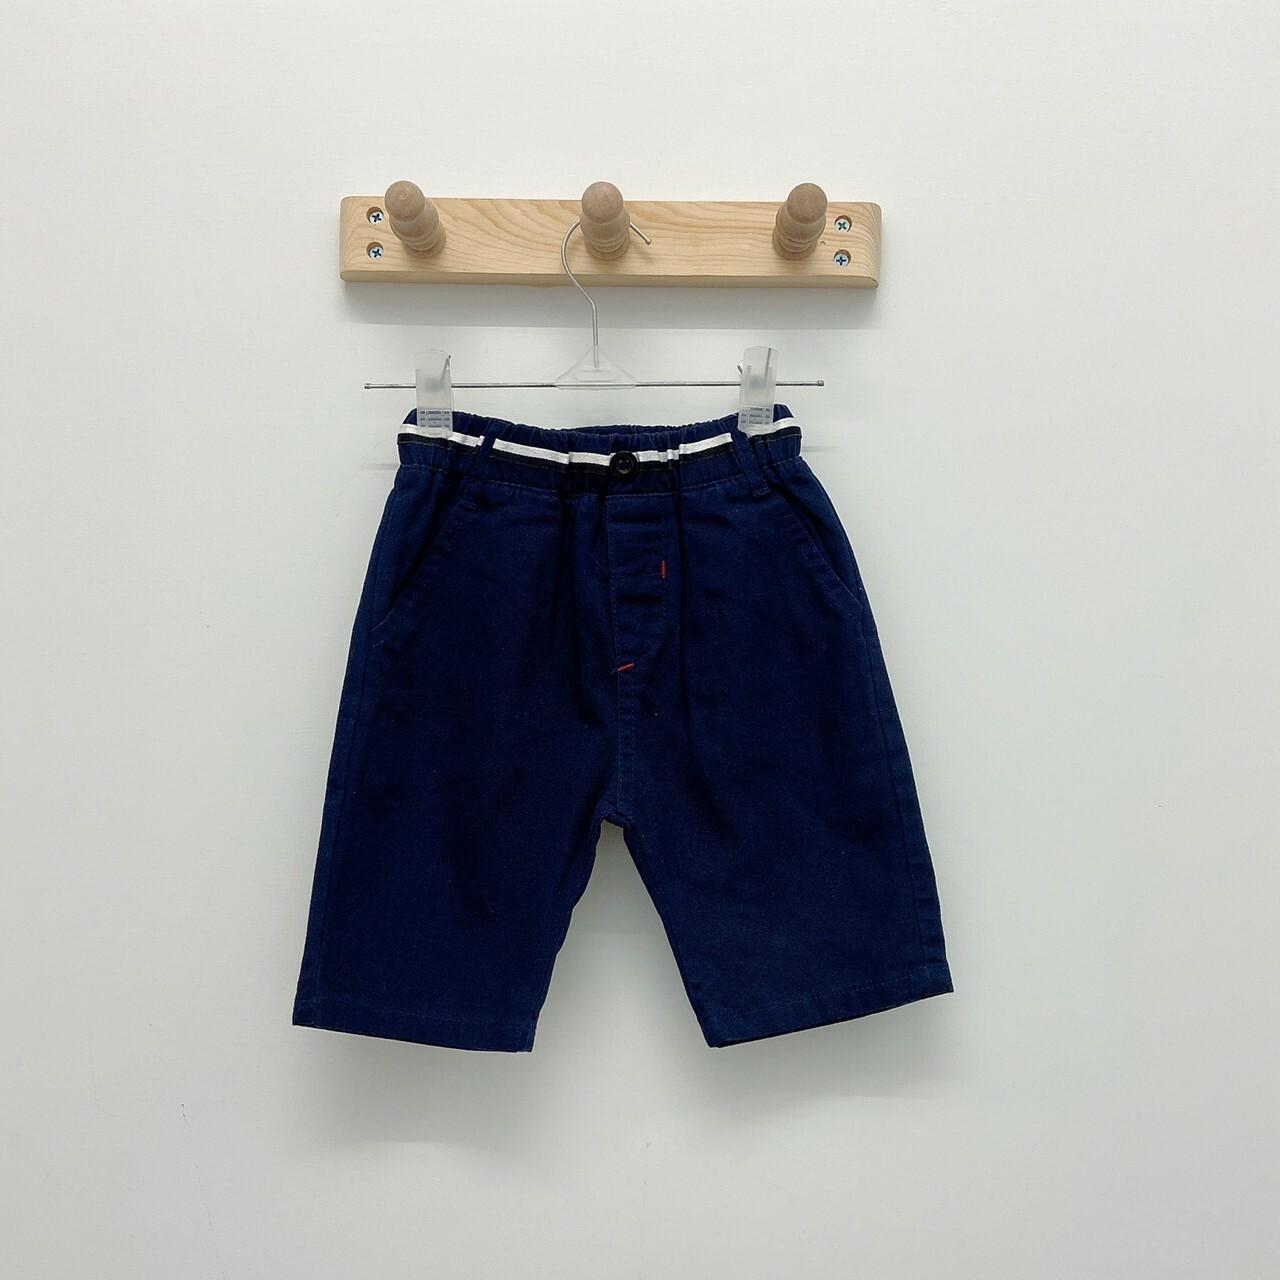 褲裙短 五~七分褲_210803_28.jpg